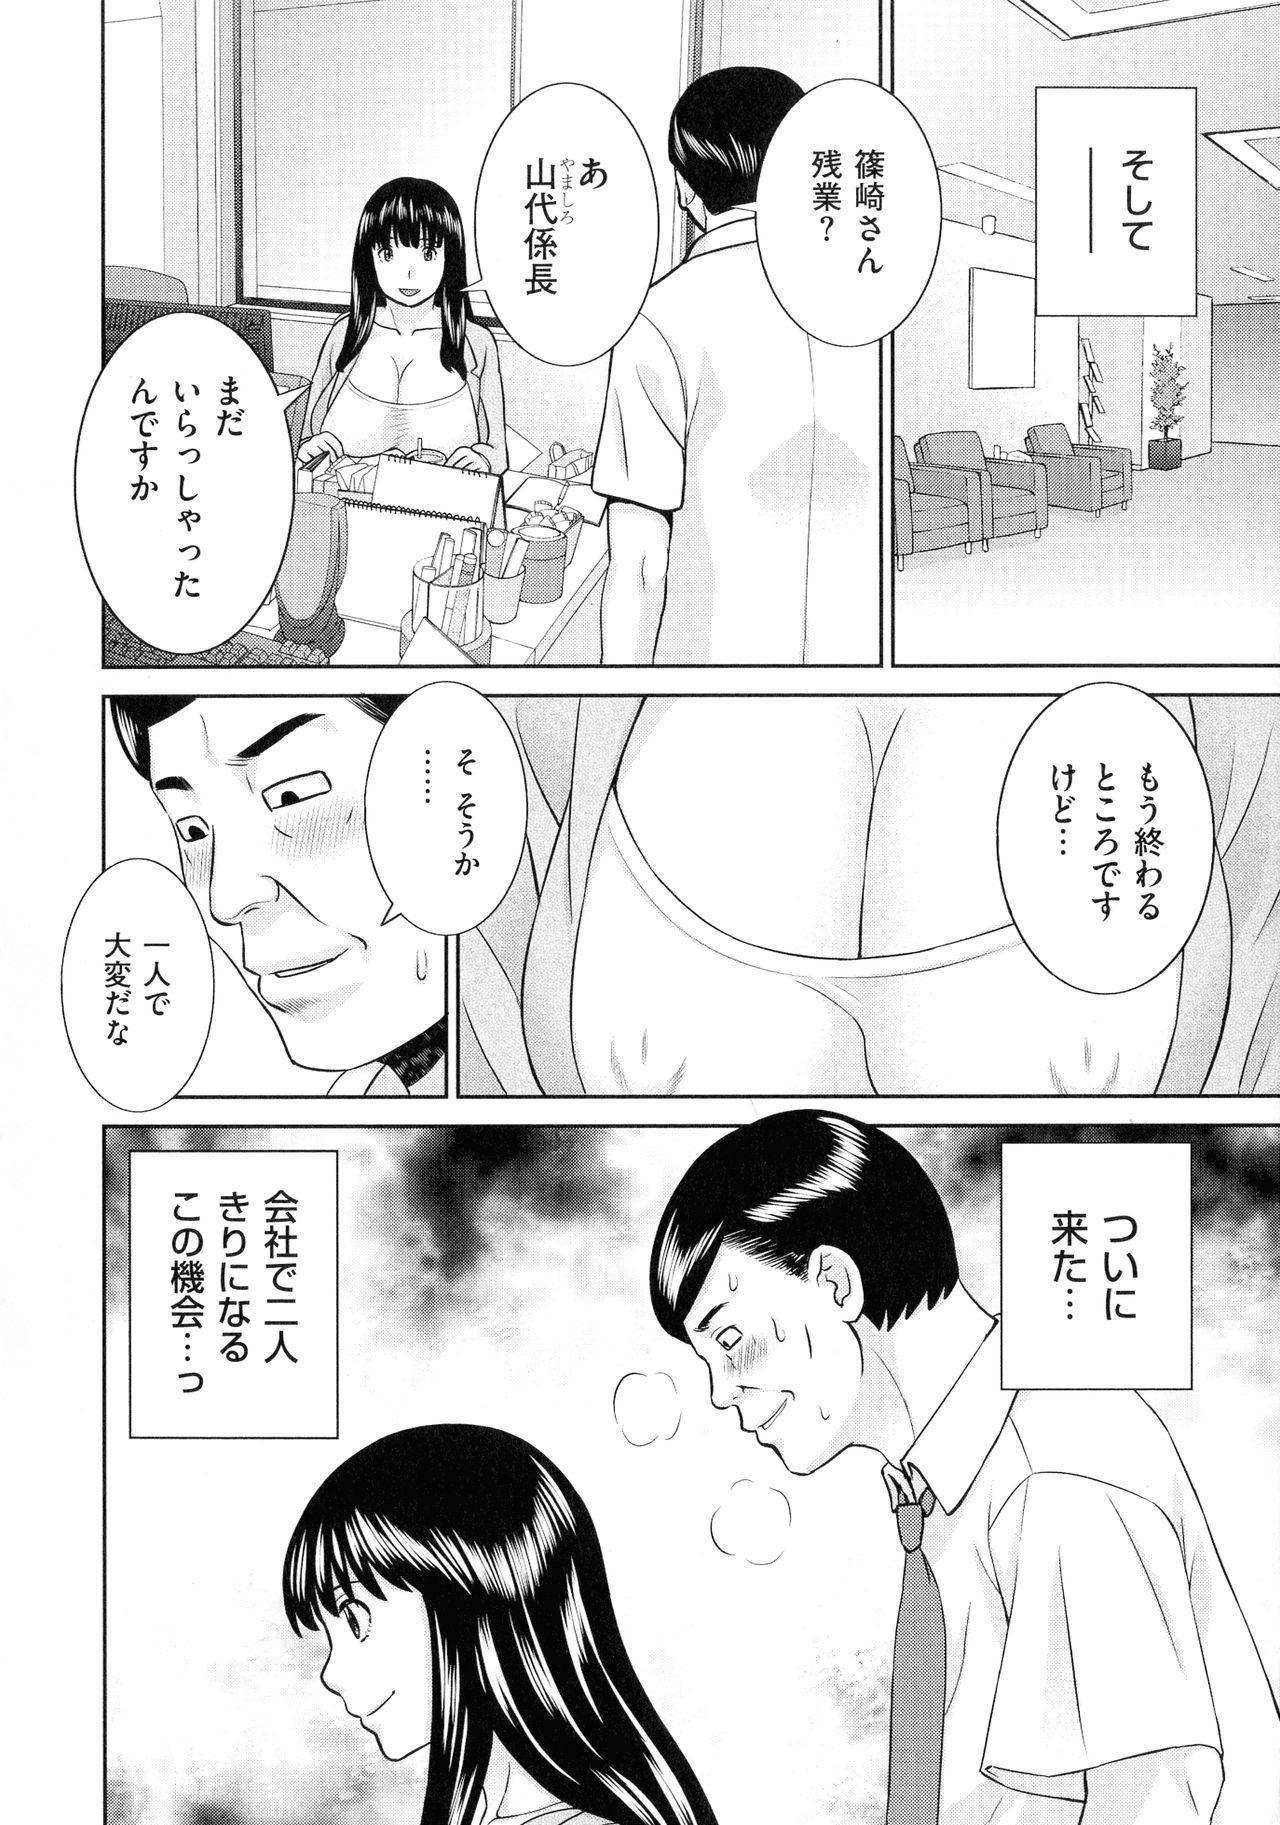 Tennen Torokeru Hatsujozuma 170